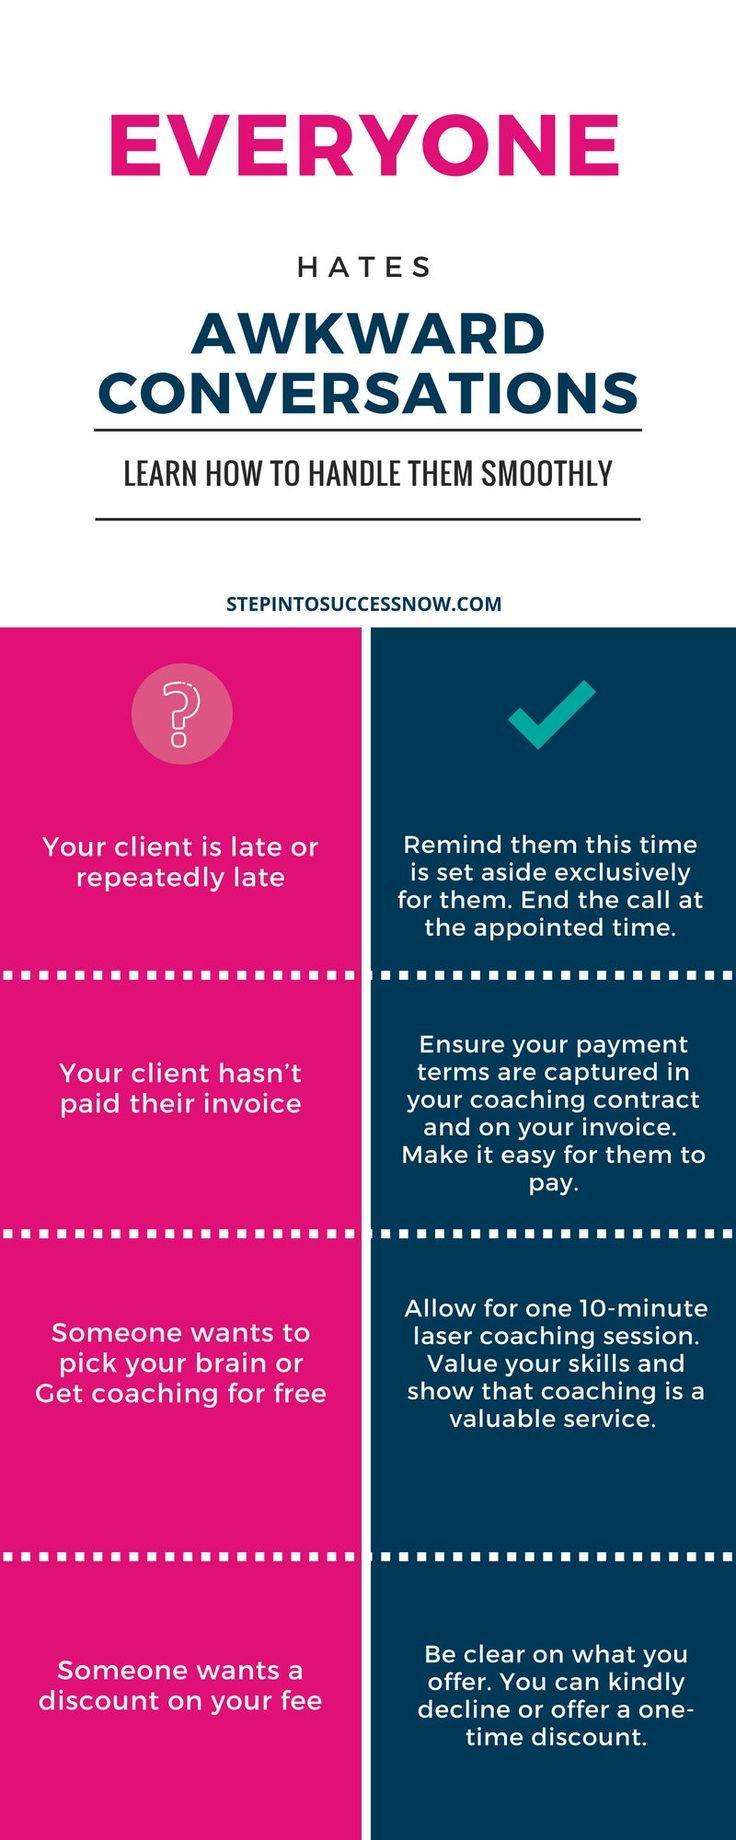 hiring/leadership Life coaching business, Coaching